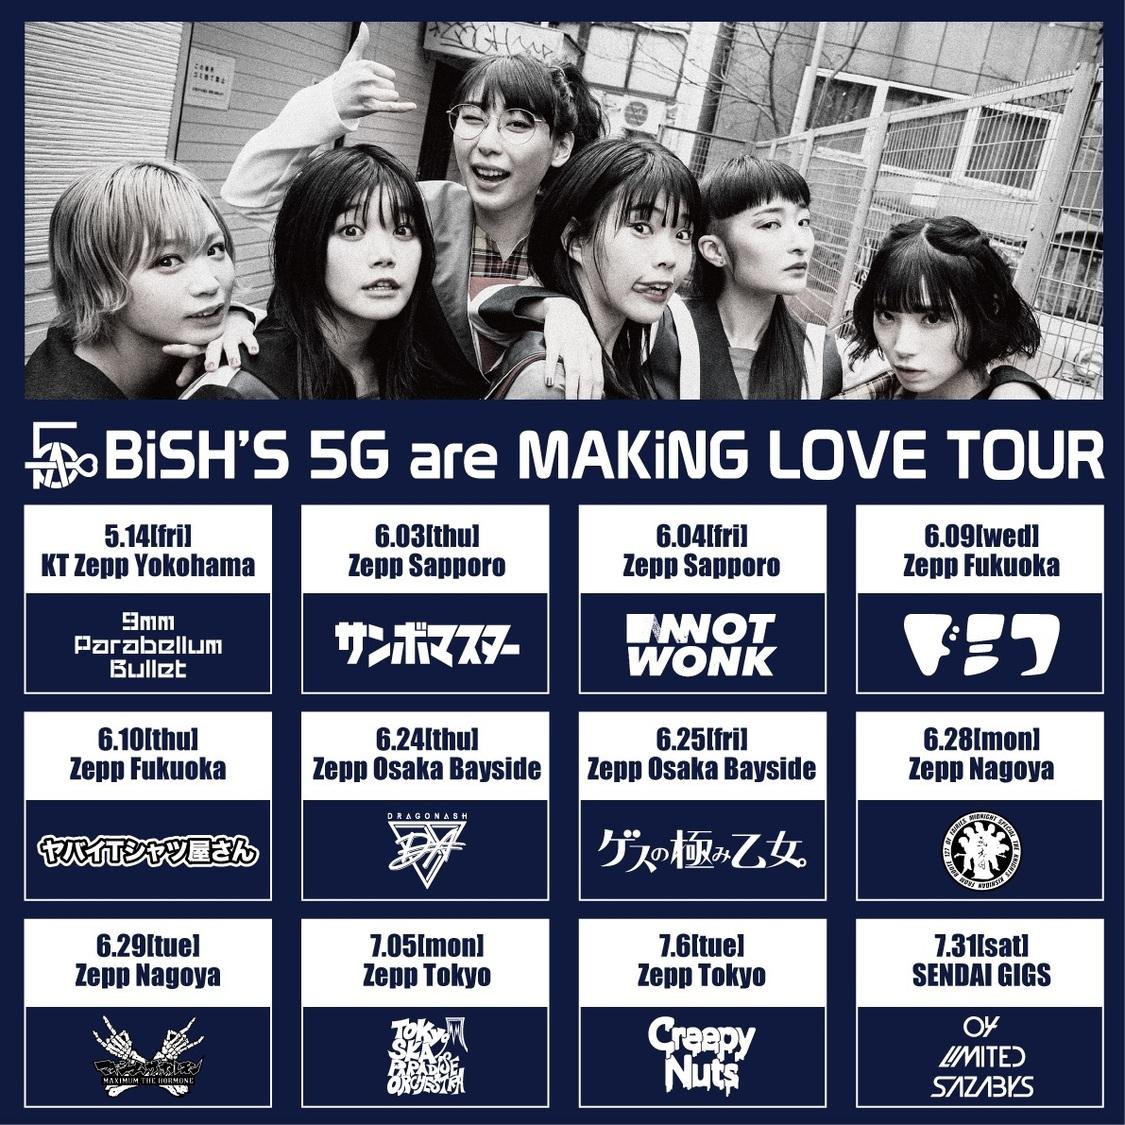 BiSH、初対バンツアーにサンボ、ヤバT、マキシマム ザ ホルモン、スカパラ、フォーリミら全12組!